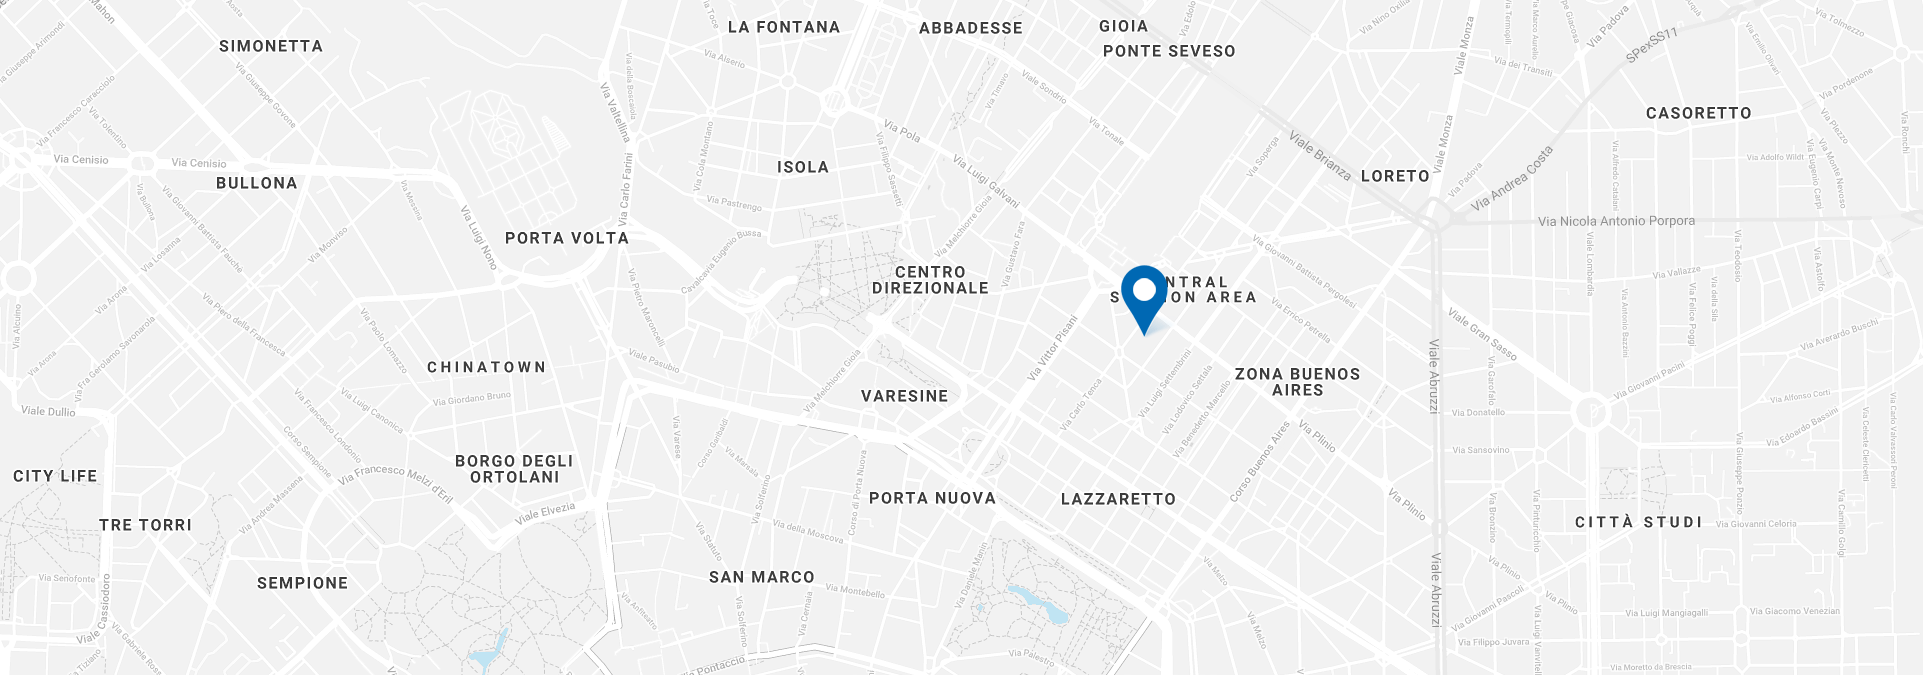 map-italy-milan-full